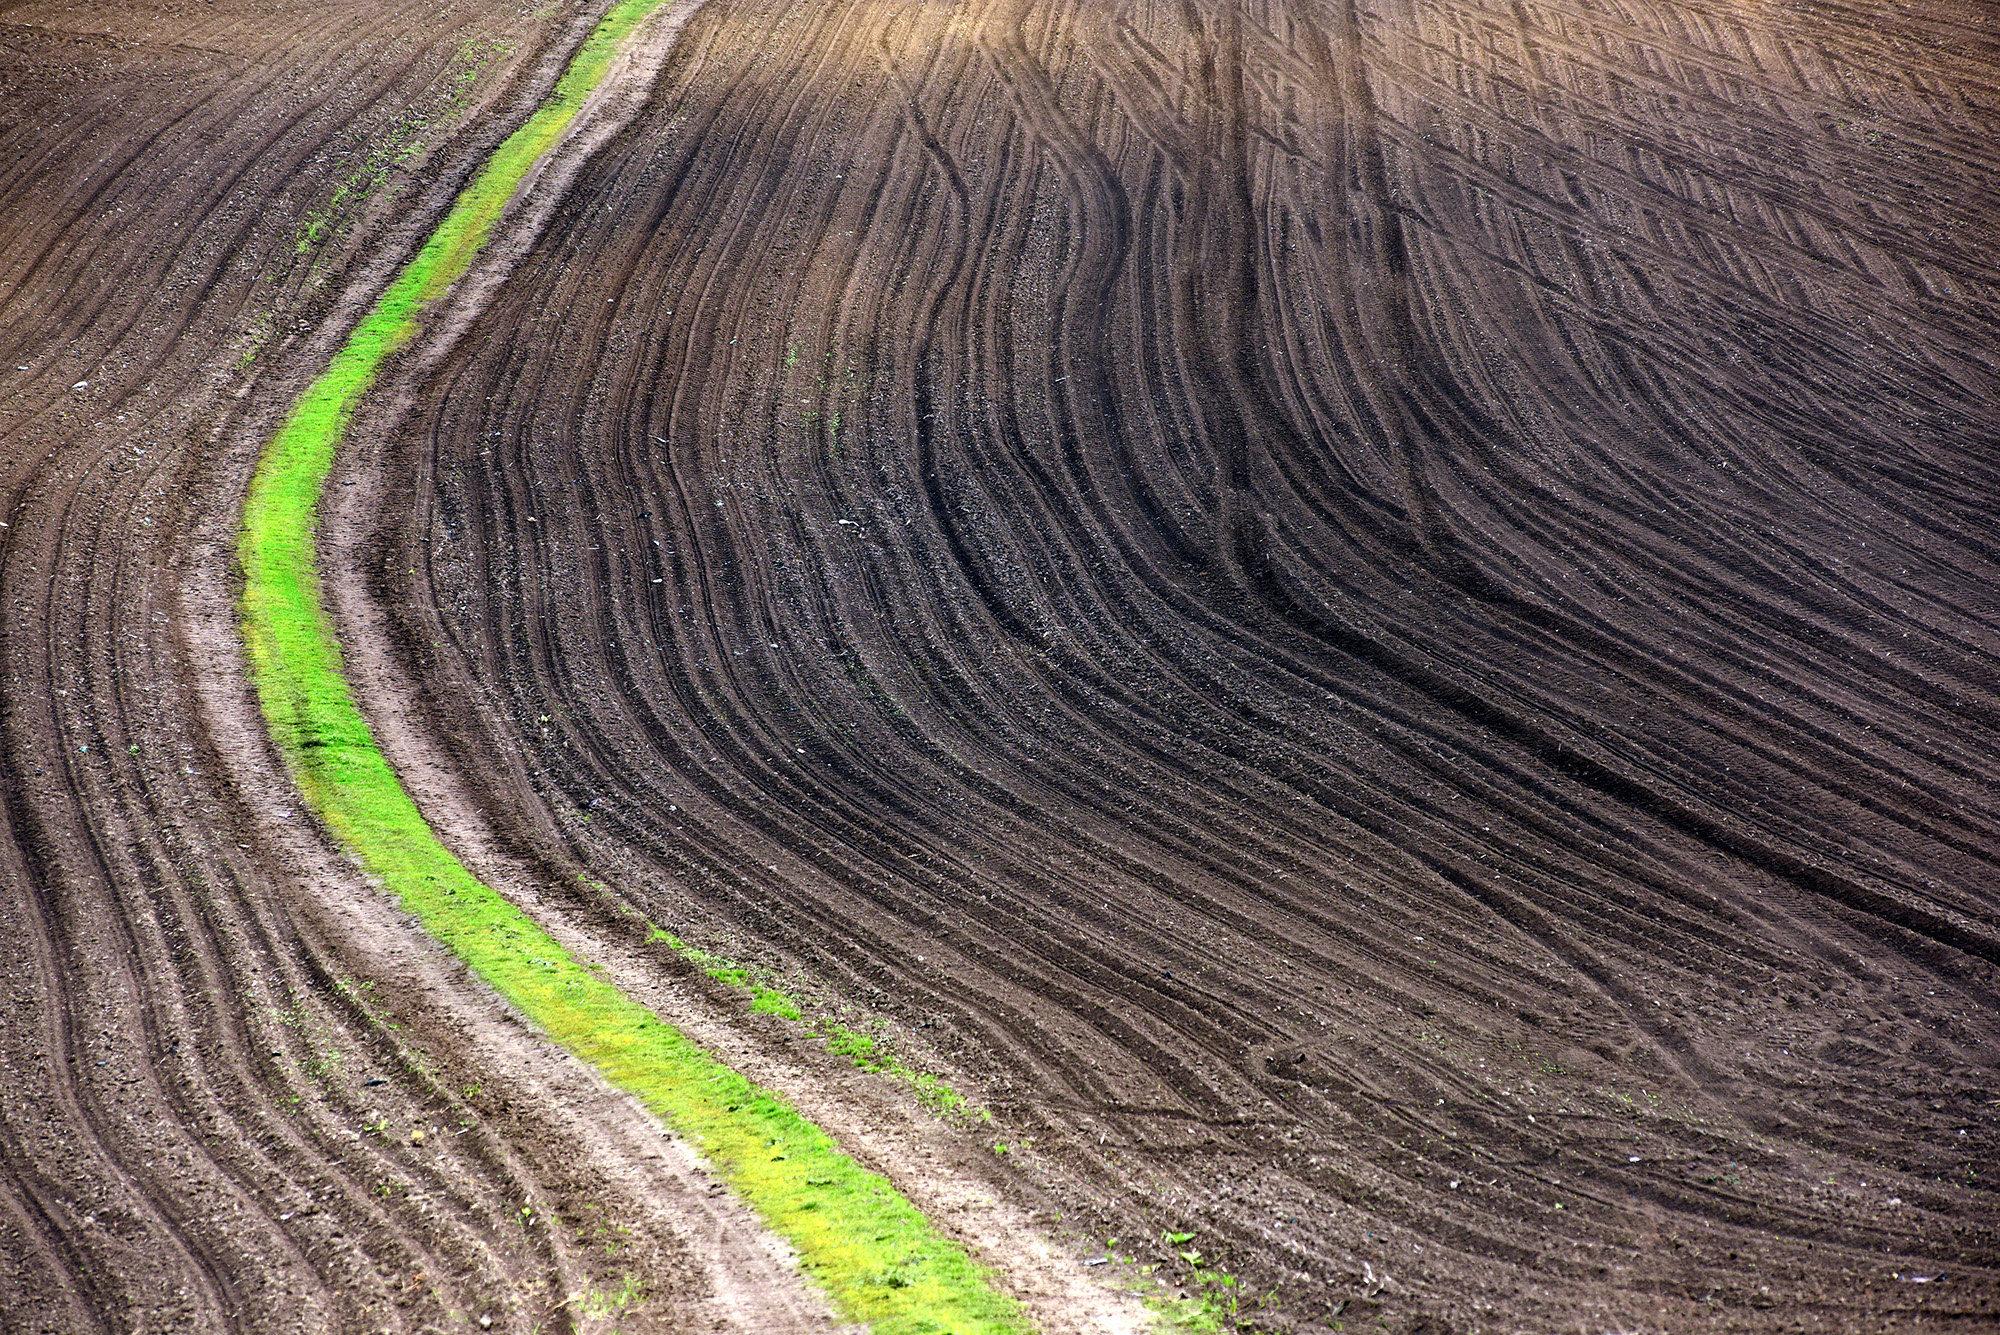 Terra Galicia_(Yurko Dyachyshyn)_13.jpg